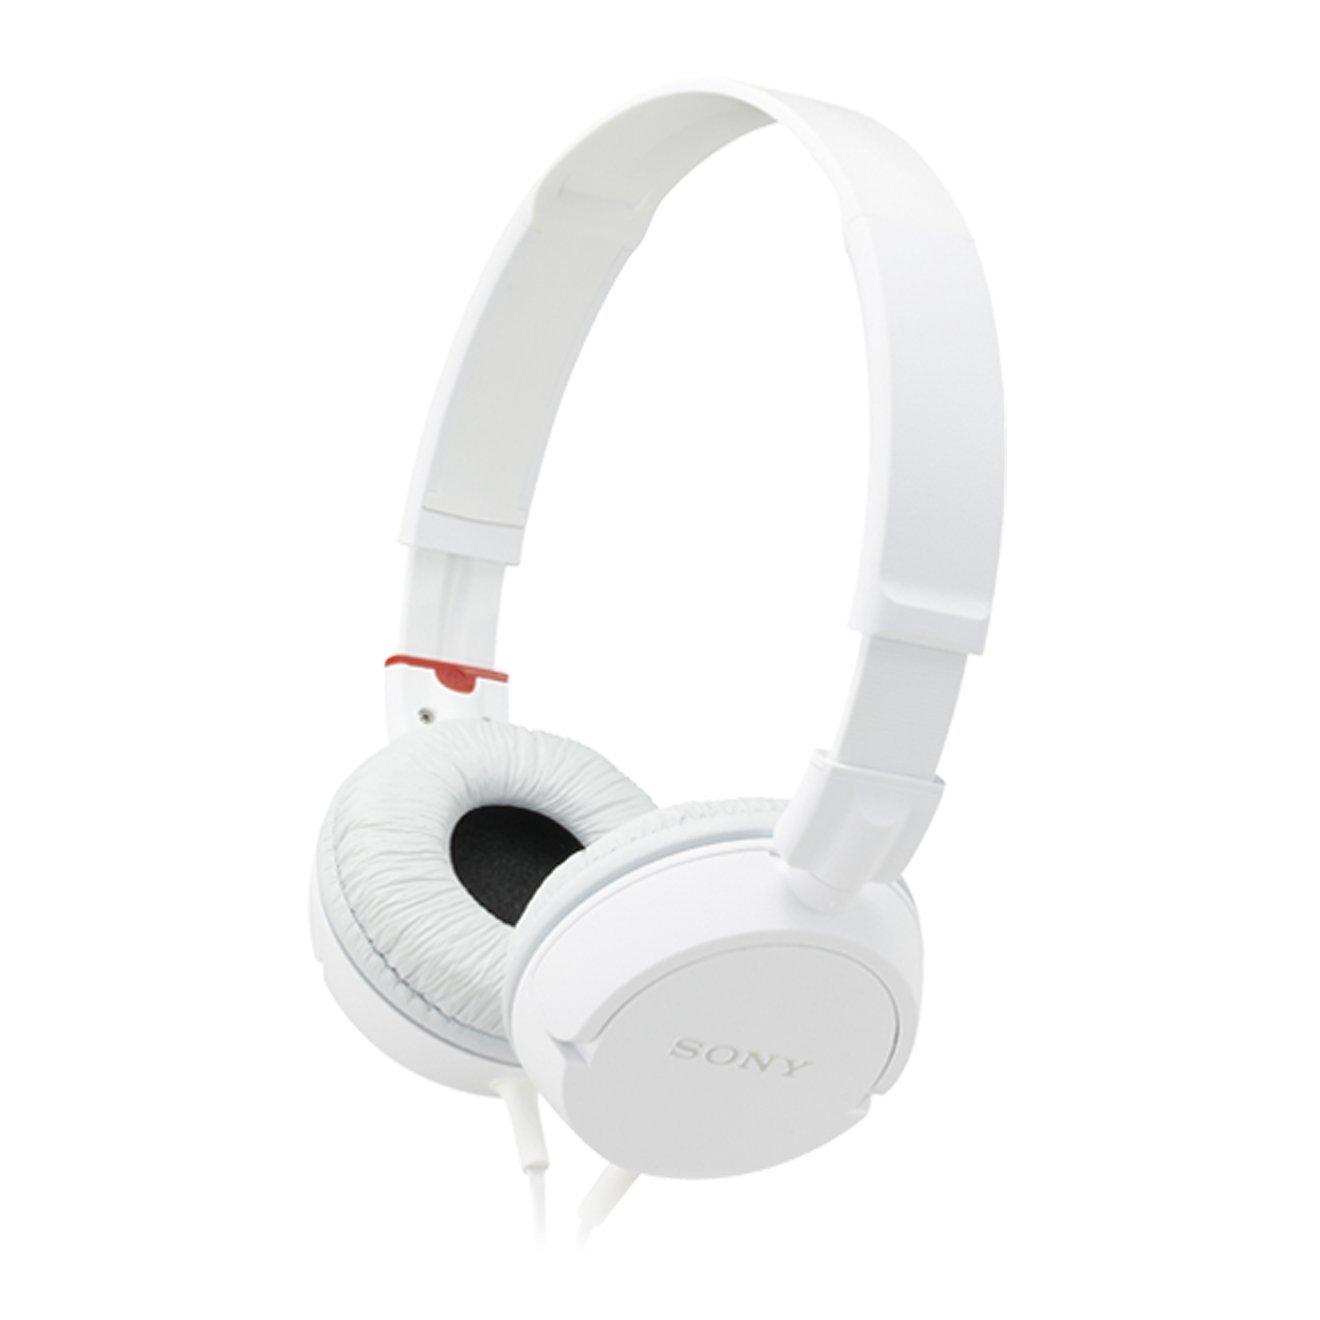 Sony DJ Kopfhörer amazon